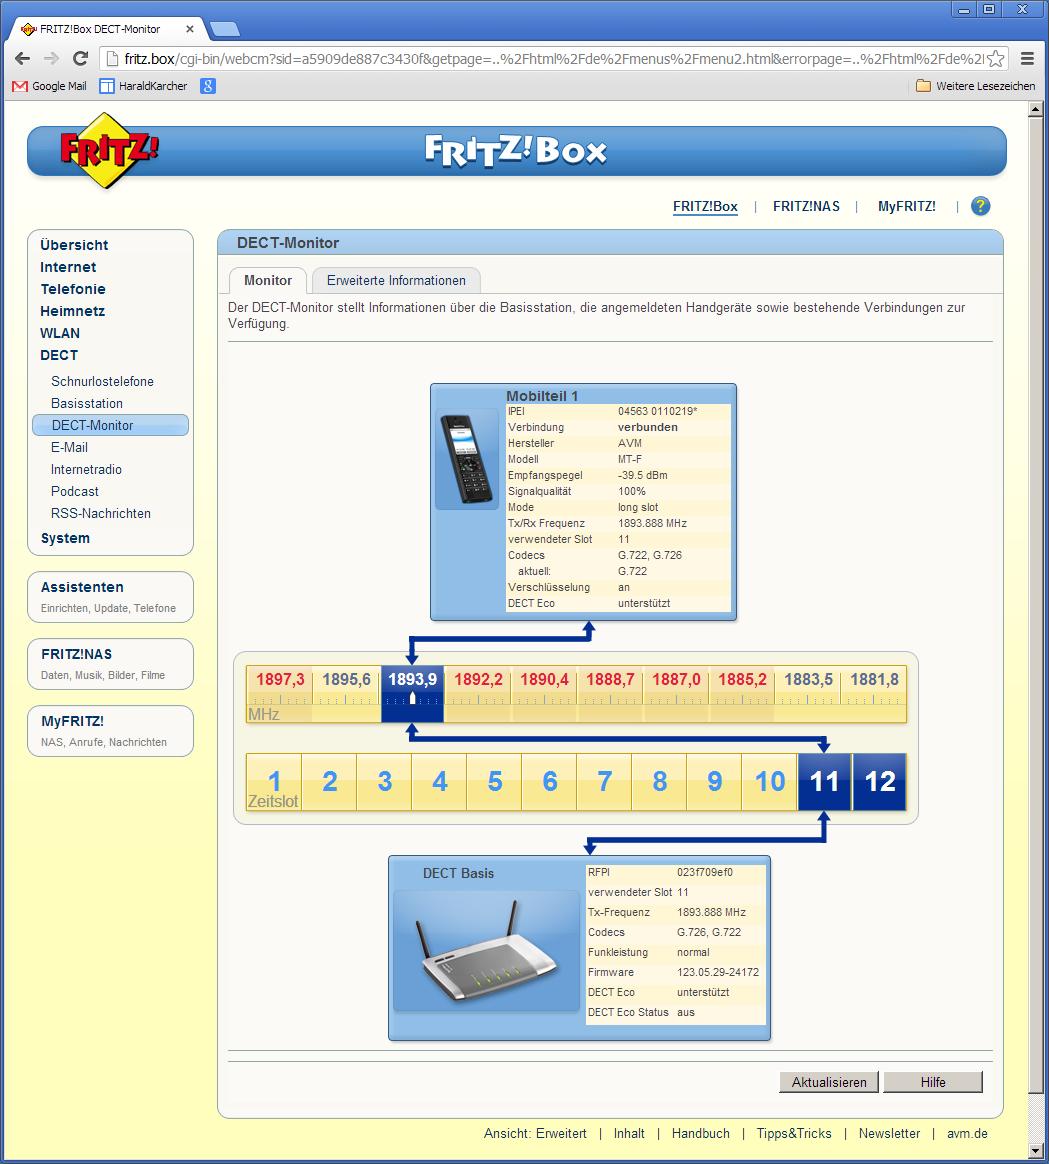 Der DECT-Monitor der Fritzbox 6842 LTE zeigt an, auf welcher DECT-Frequenz die LTE-to-DECT-Telefonate geführt werden (Foto: Harald Karcher).